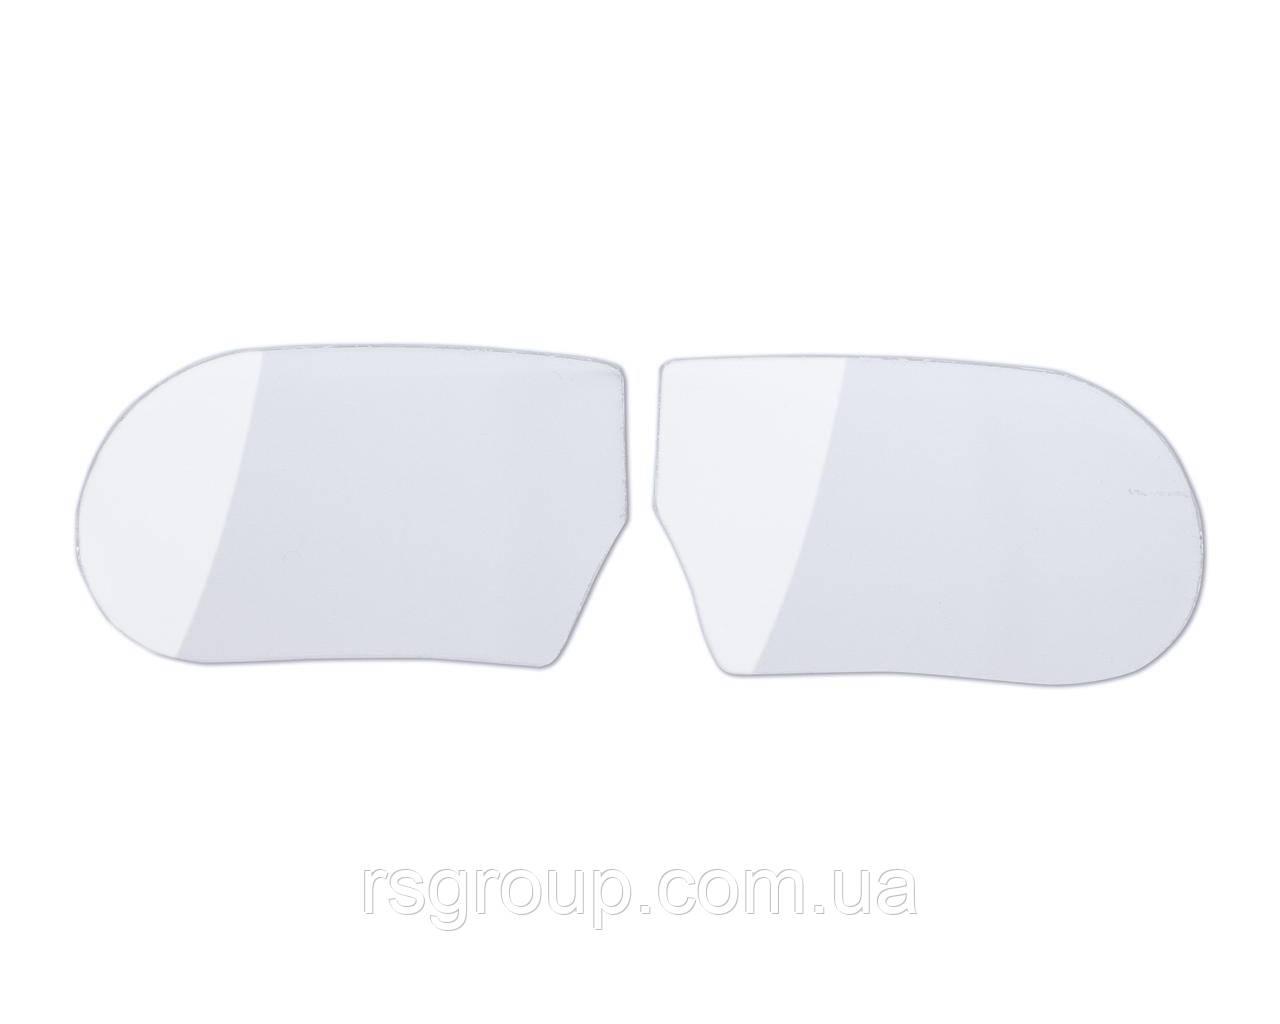 Стекло прозрачное изогнутое на очки ЗП-12 (пара)